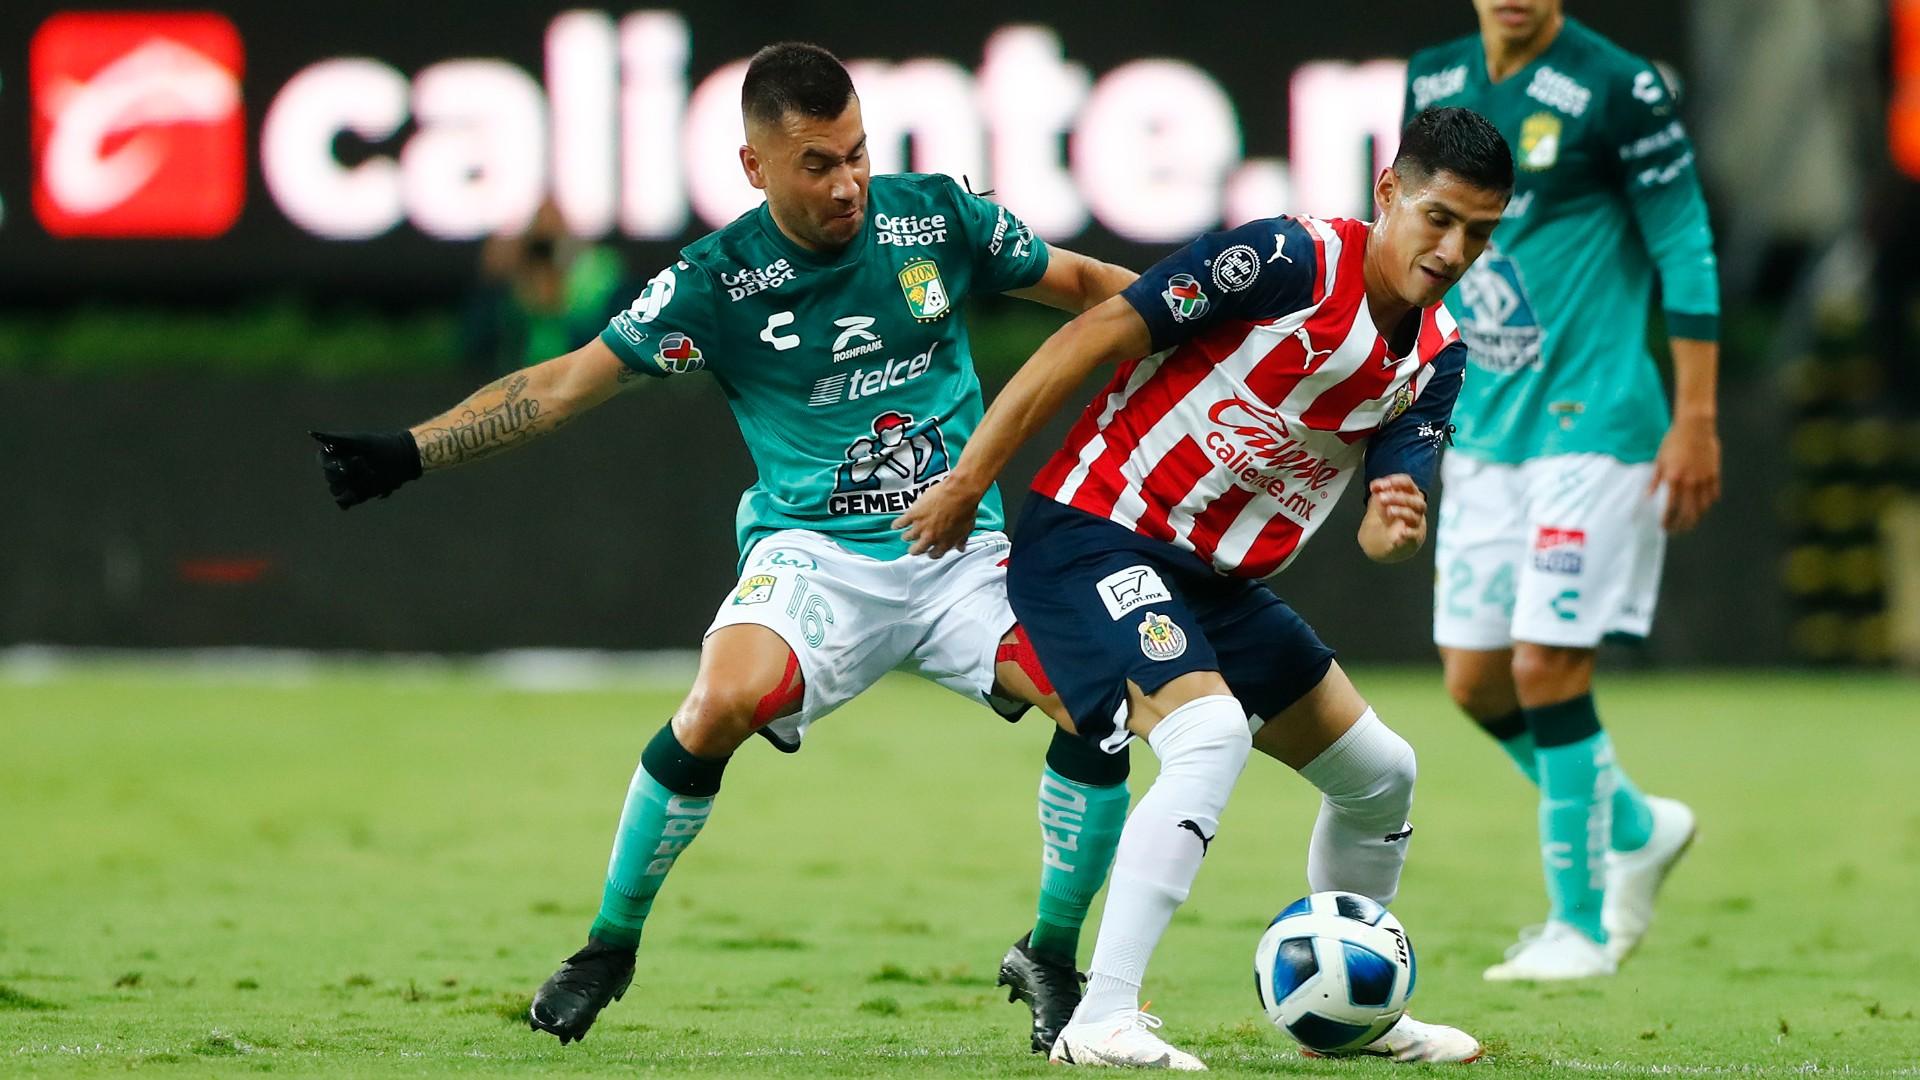 Chivas 0-3 León en vivo por el Apertura 2021: partido, alineaciones y  suplentes | Goal.com